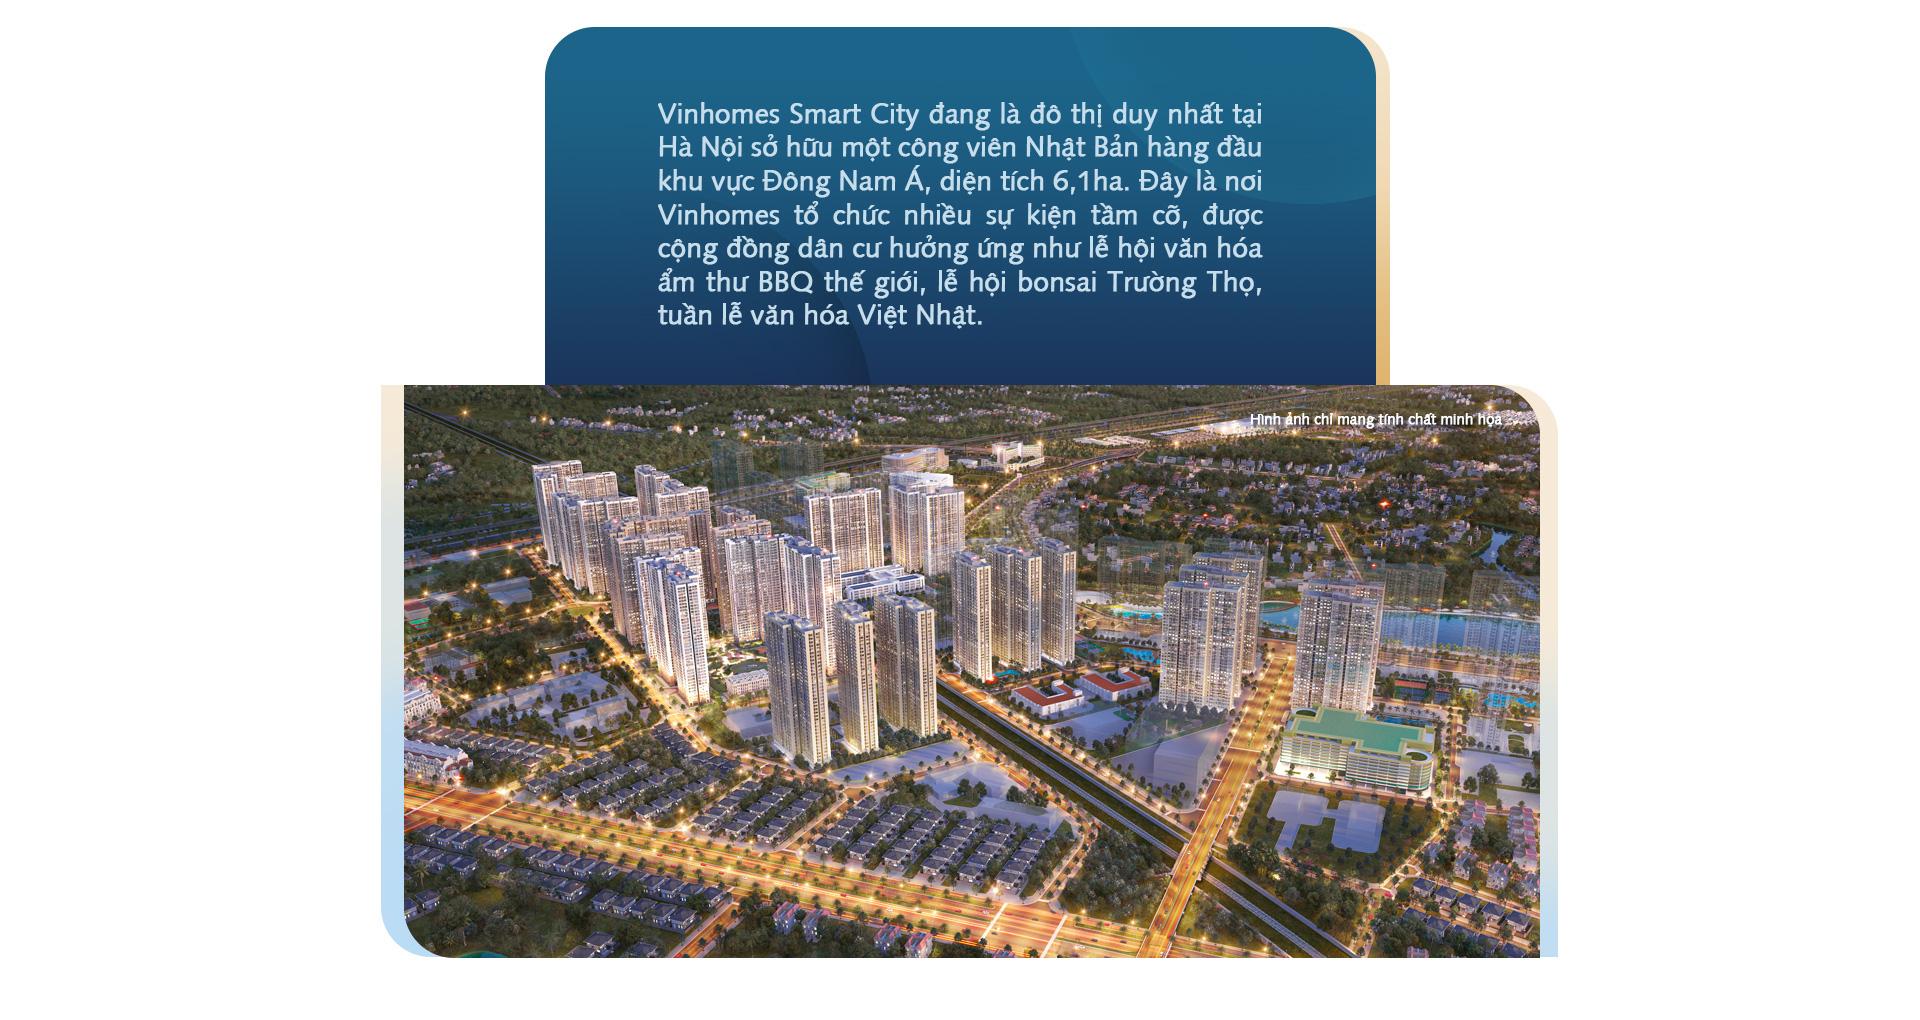 Trung tâm mới phía Tây Hà Nội thu hút nhà đầu tư quốc tế - Ảnh 10.